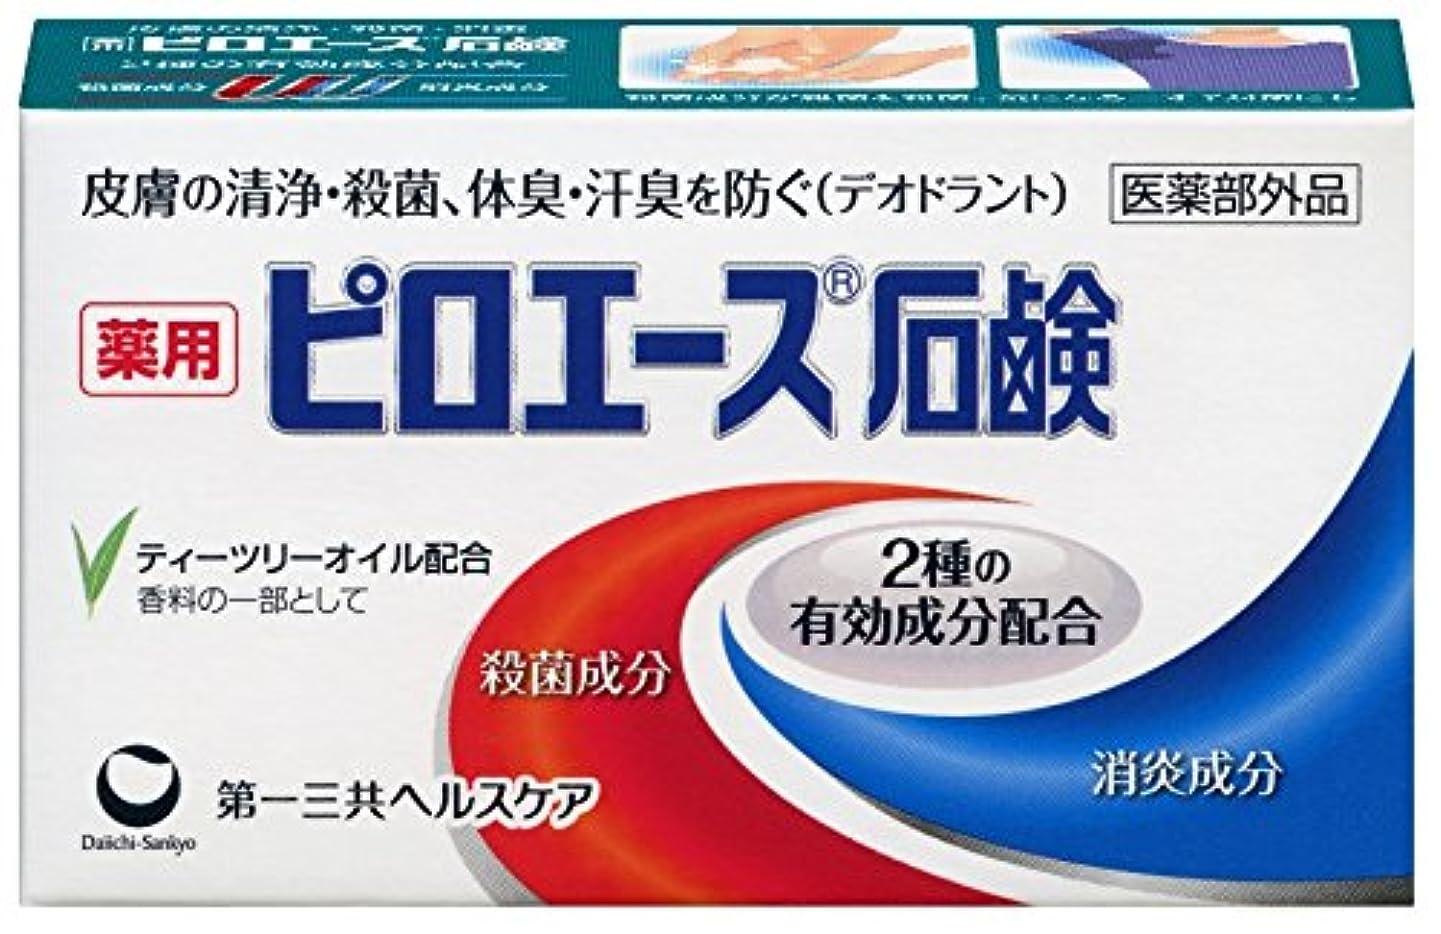 共感する覗く女将第一三共ヘルスケア ピロエース石鹸 70g 【医薬部外品】